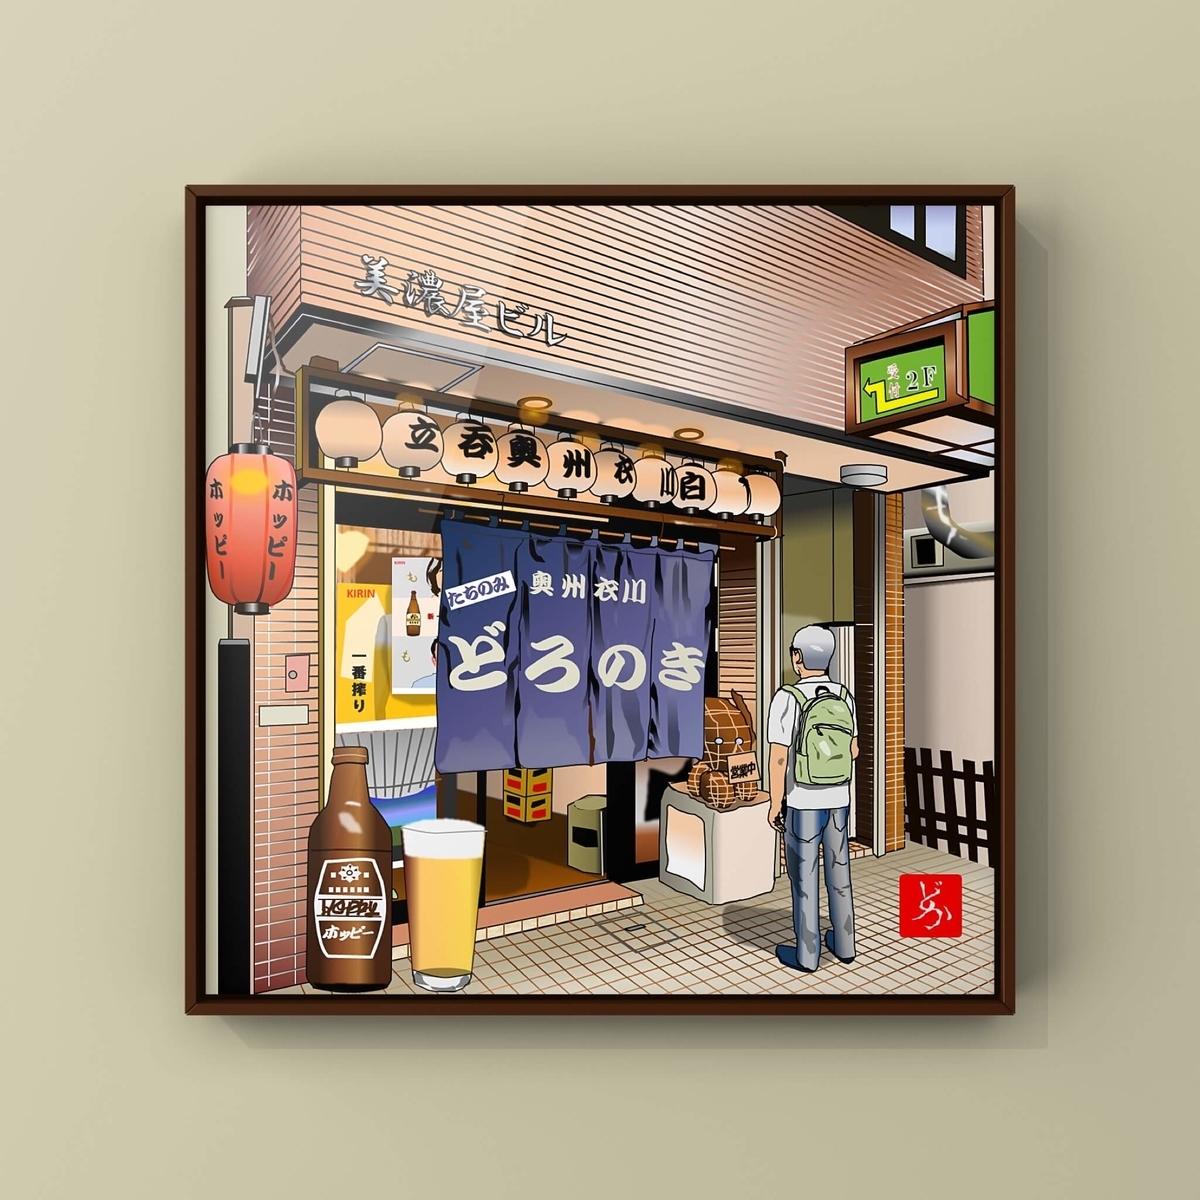 清瀬の激安立ち飲み酒場「どろのき」のエクセル画イラスト額装版